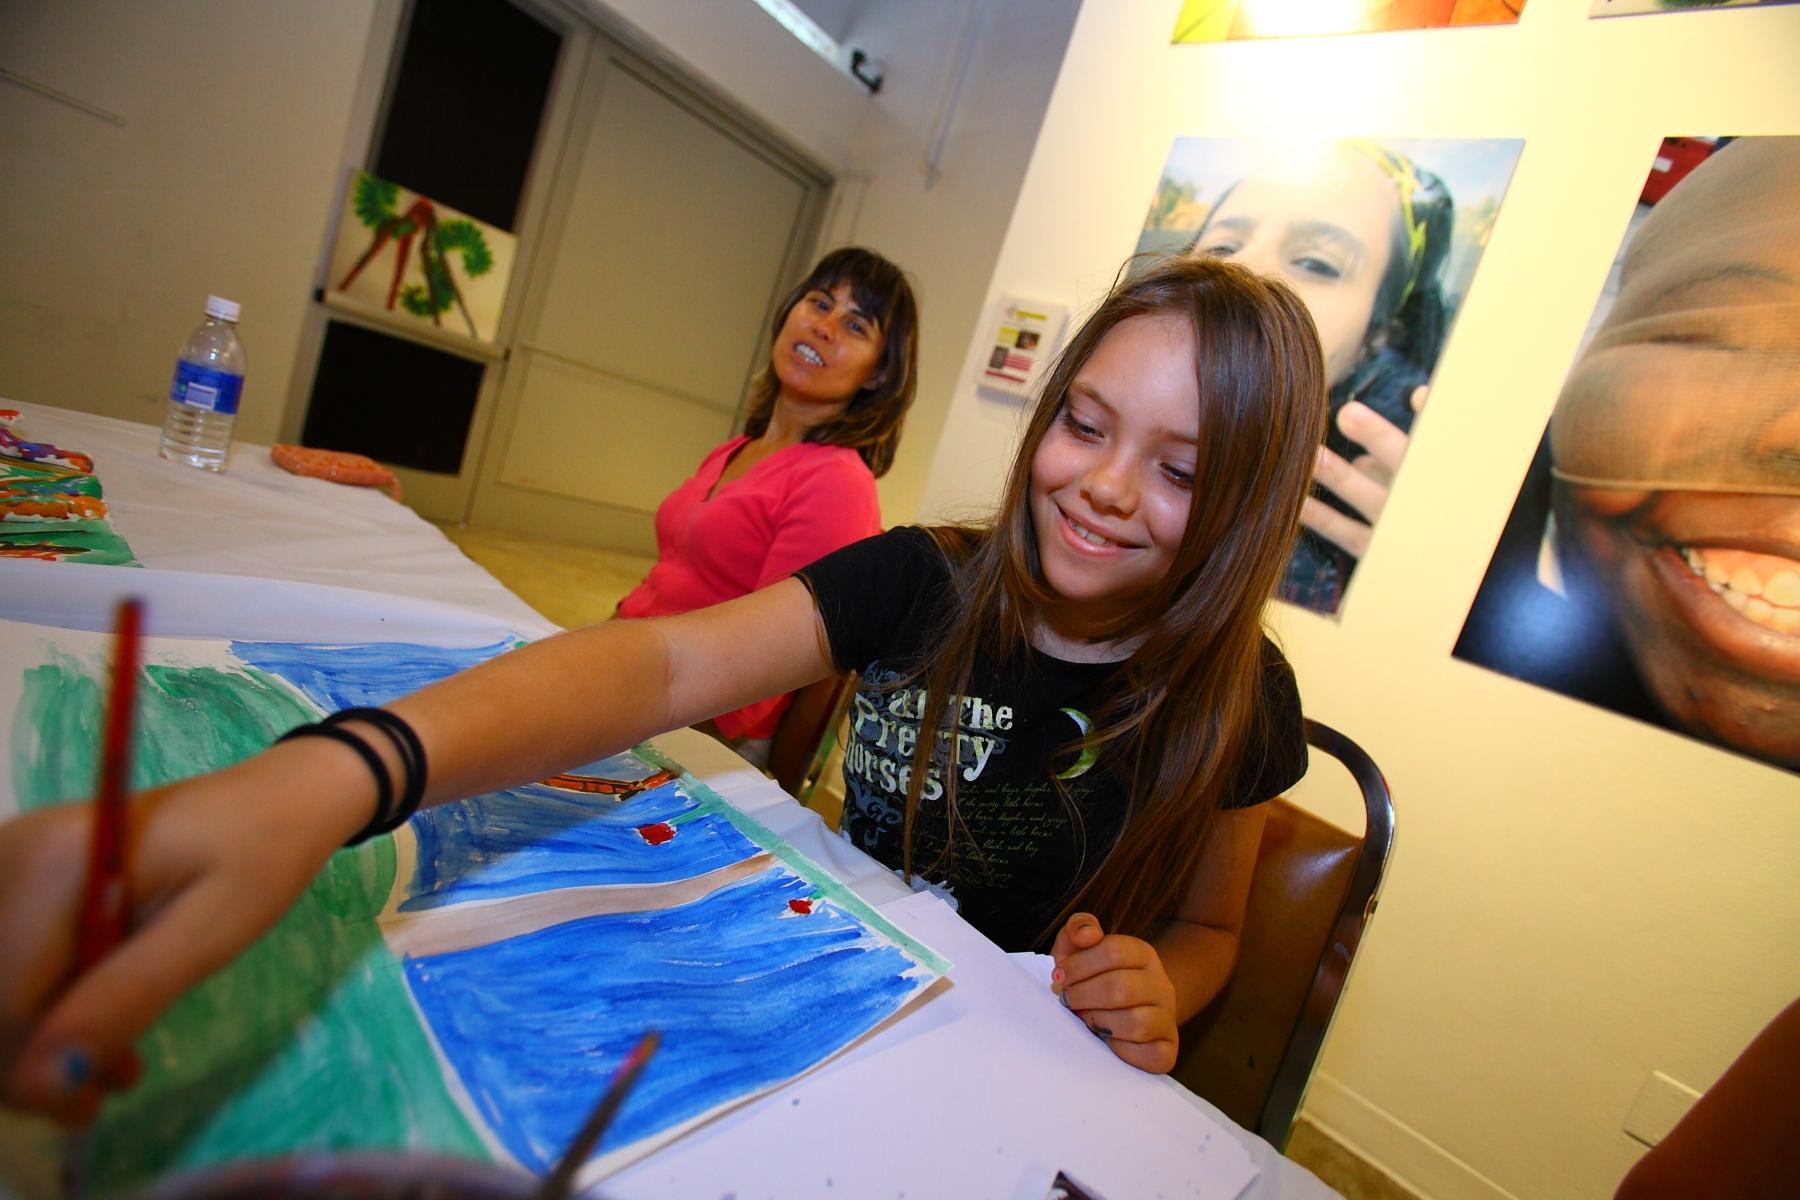 Creative Arts for Kids /Yoshitomo Nara